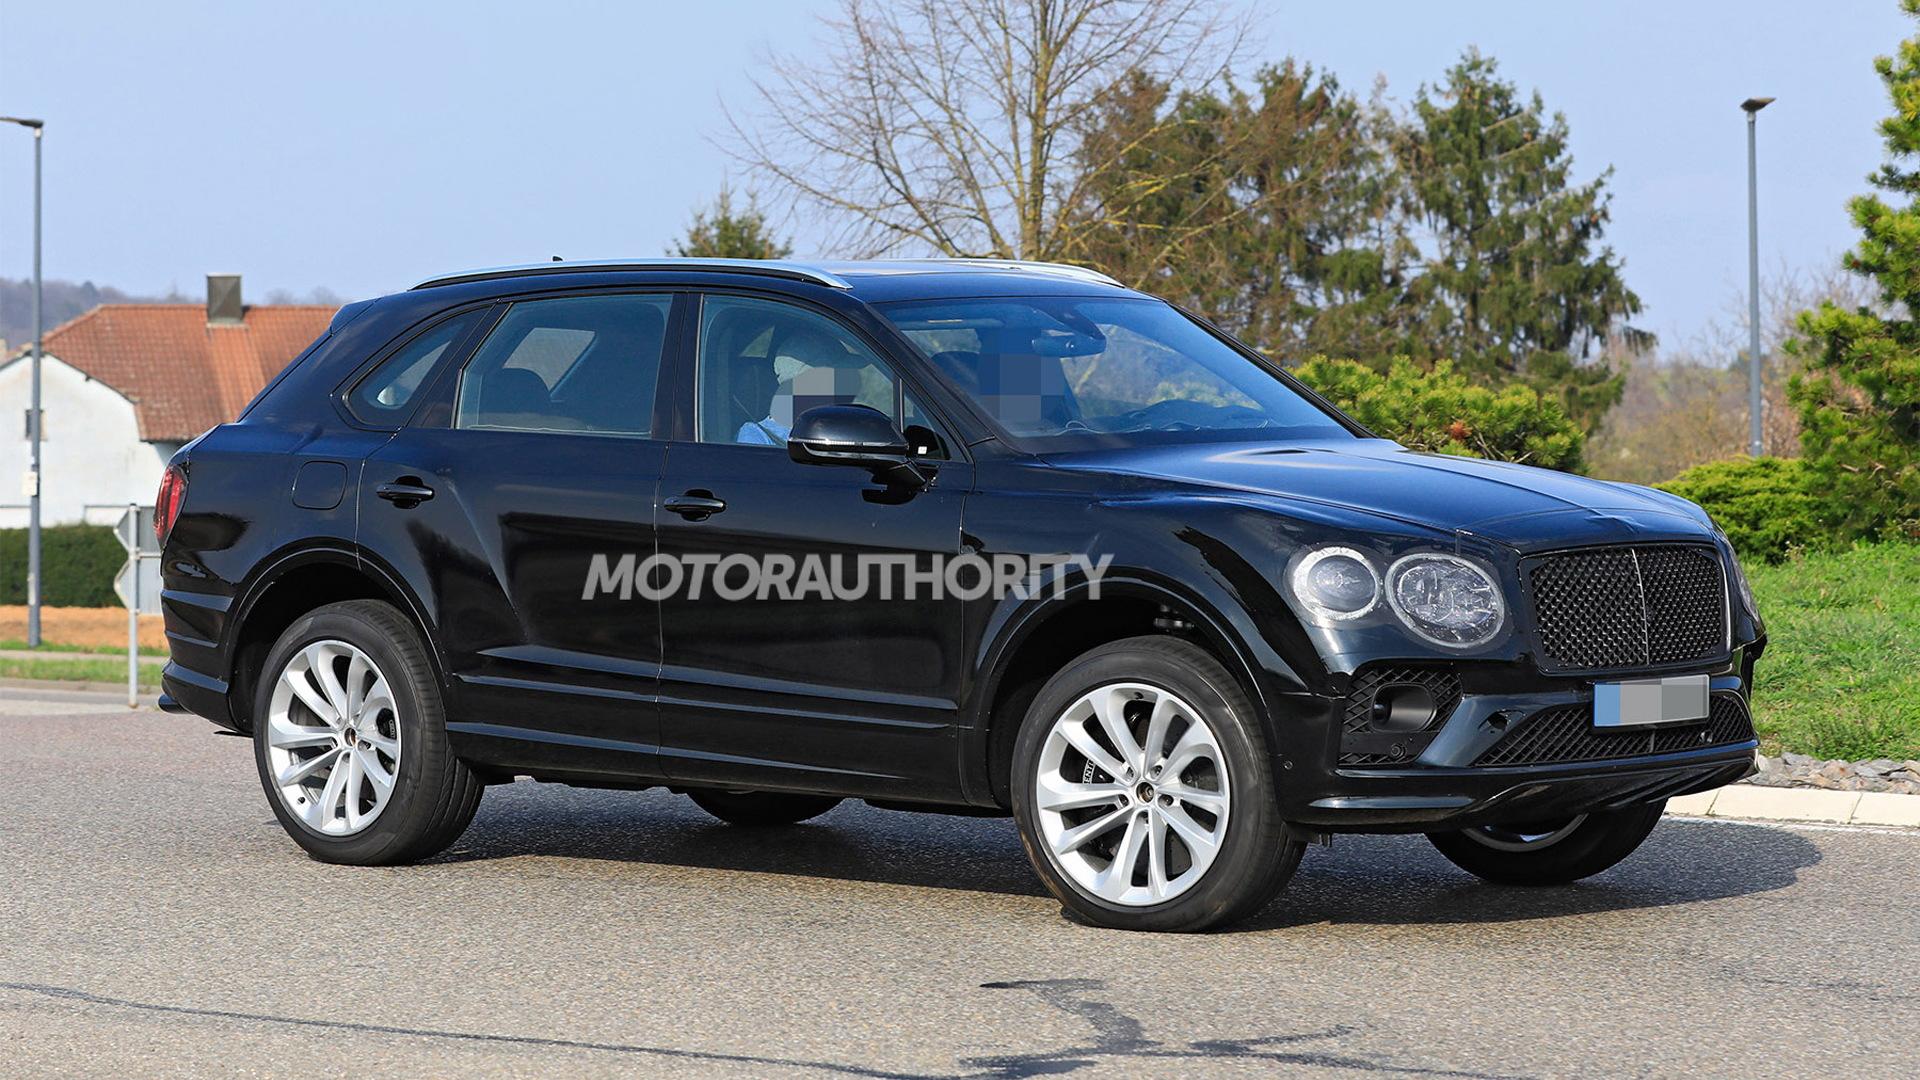 2021 Bentley Bentayga facelift spy shots - Photo credit:S. Baldauf/SB-Medien